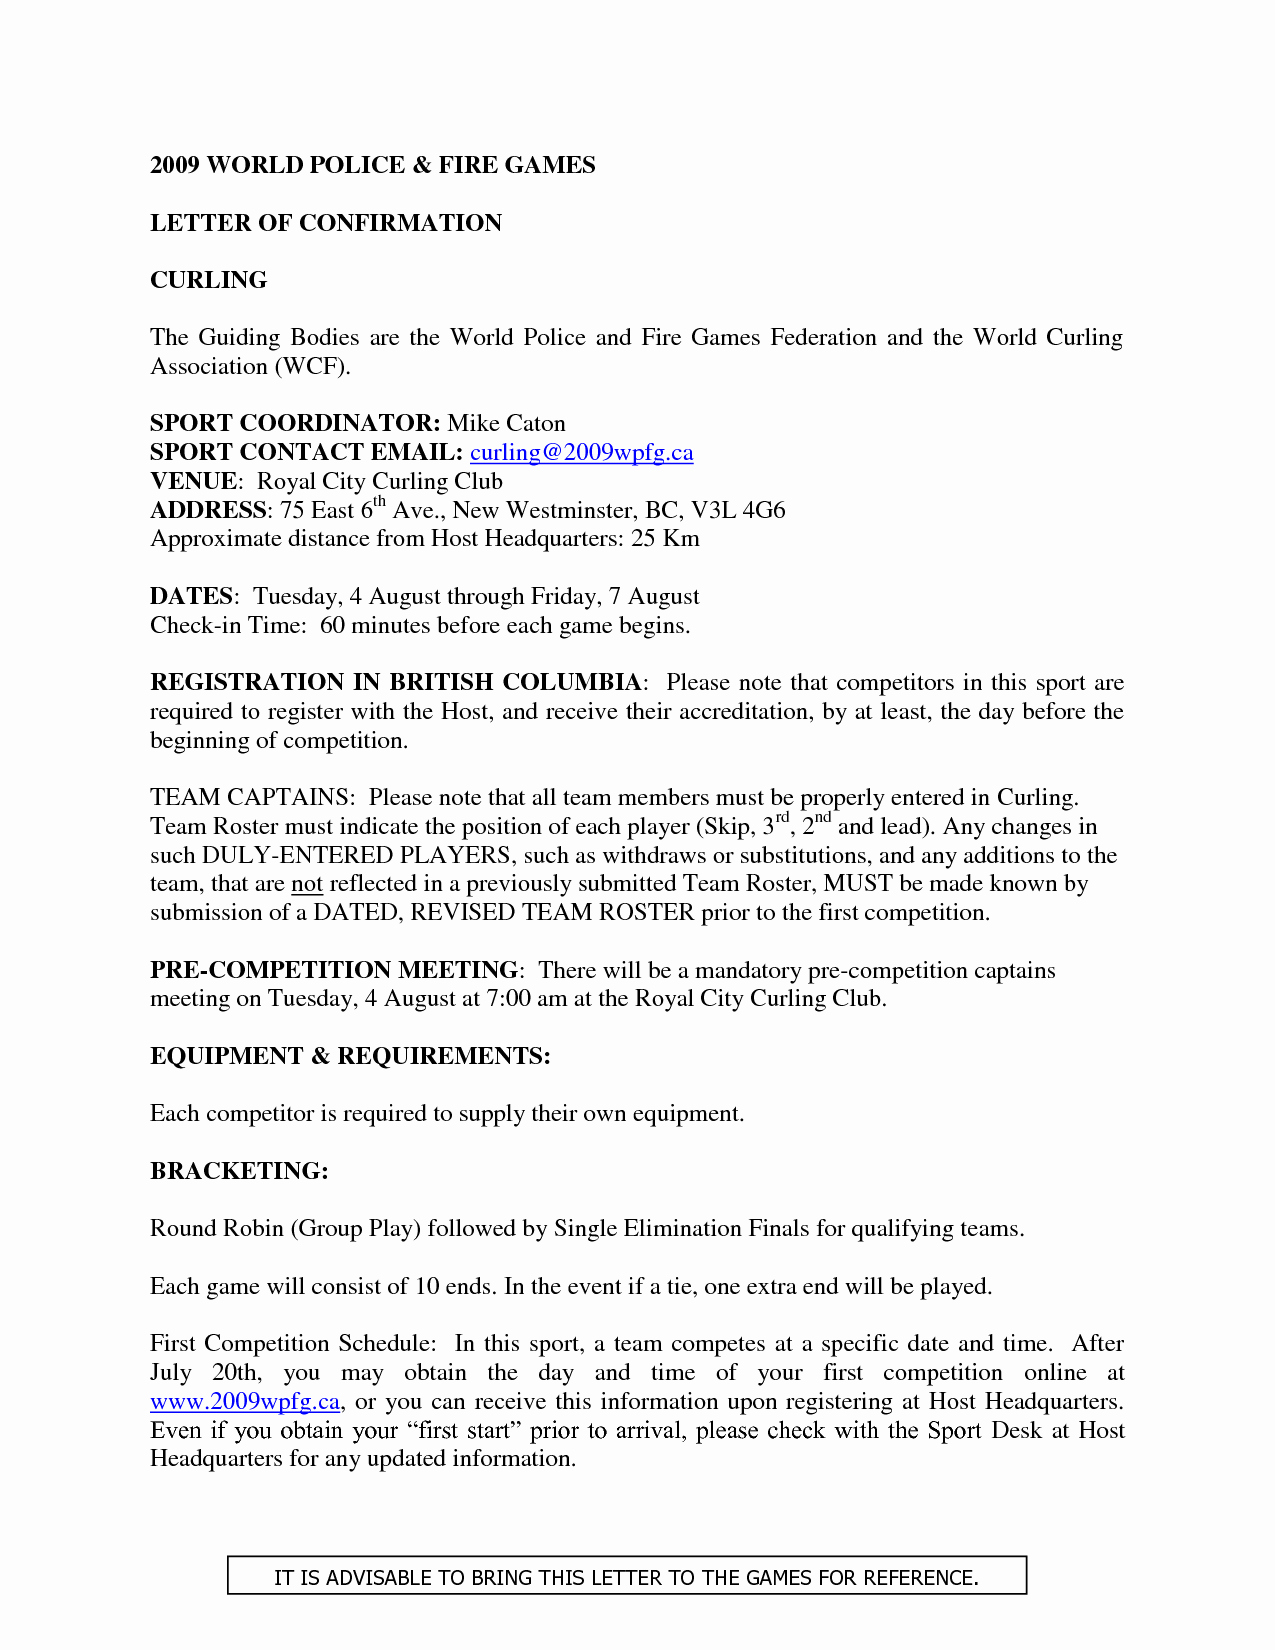 kairos catholic retreat letter examples